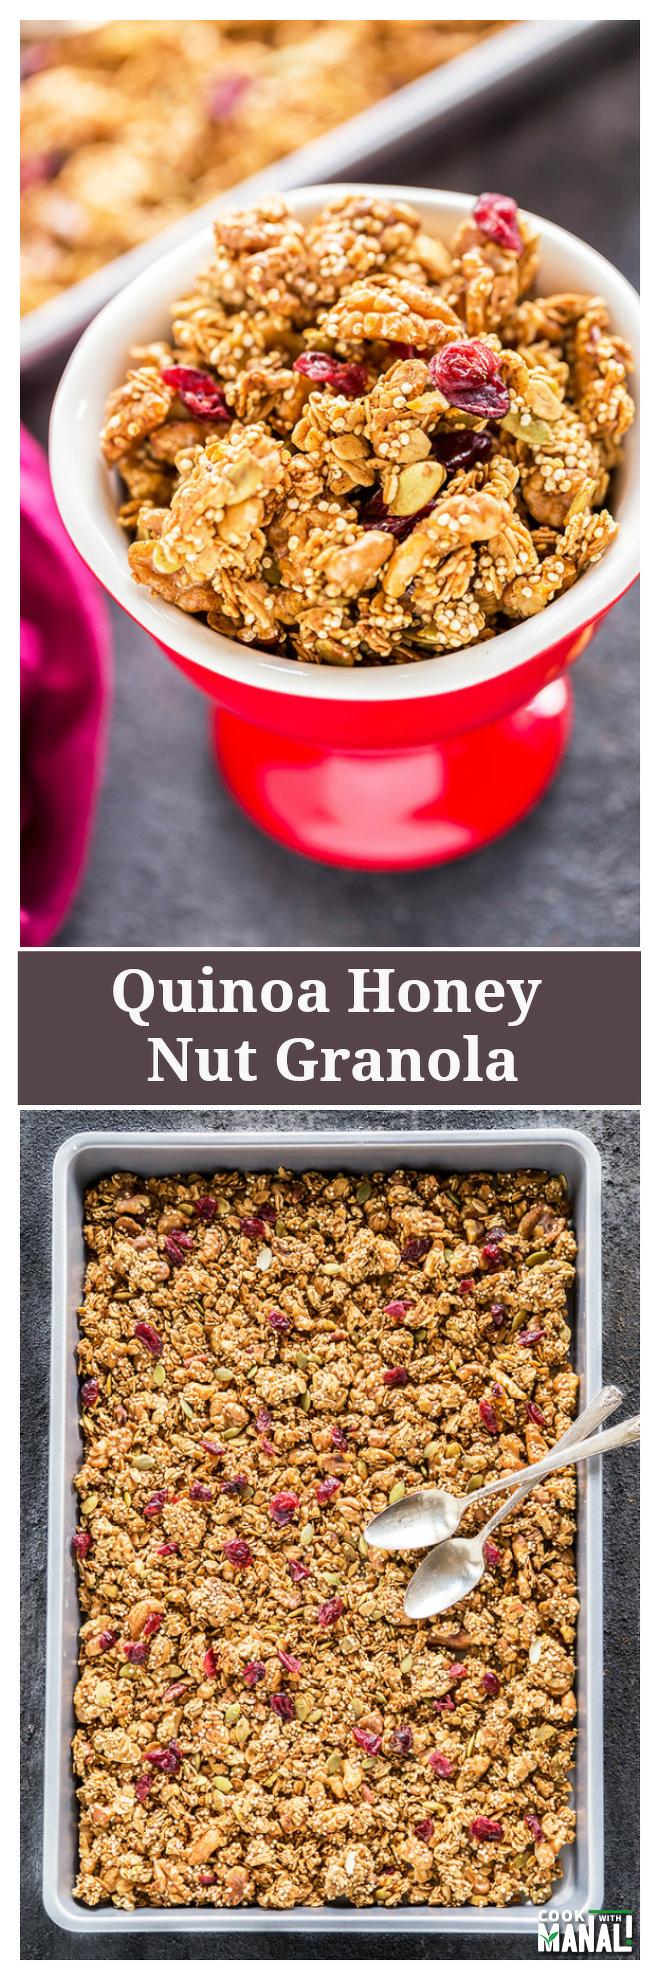 quinoa-honey-nut-granola-collage